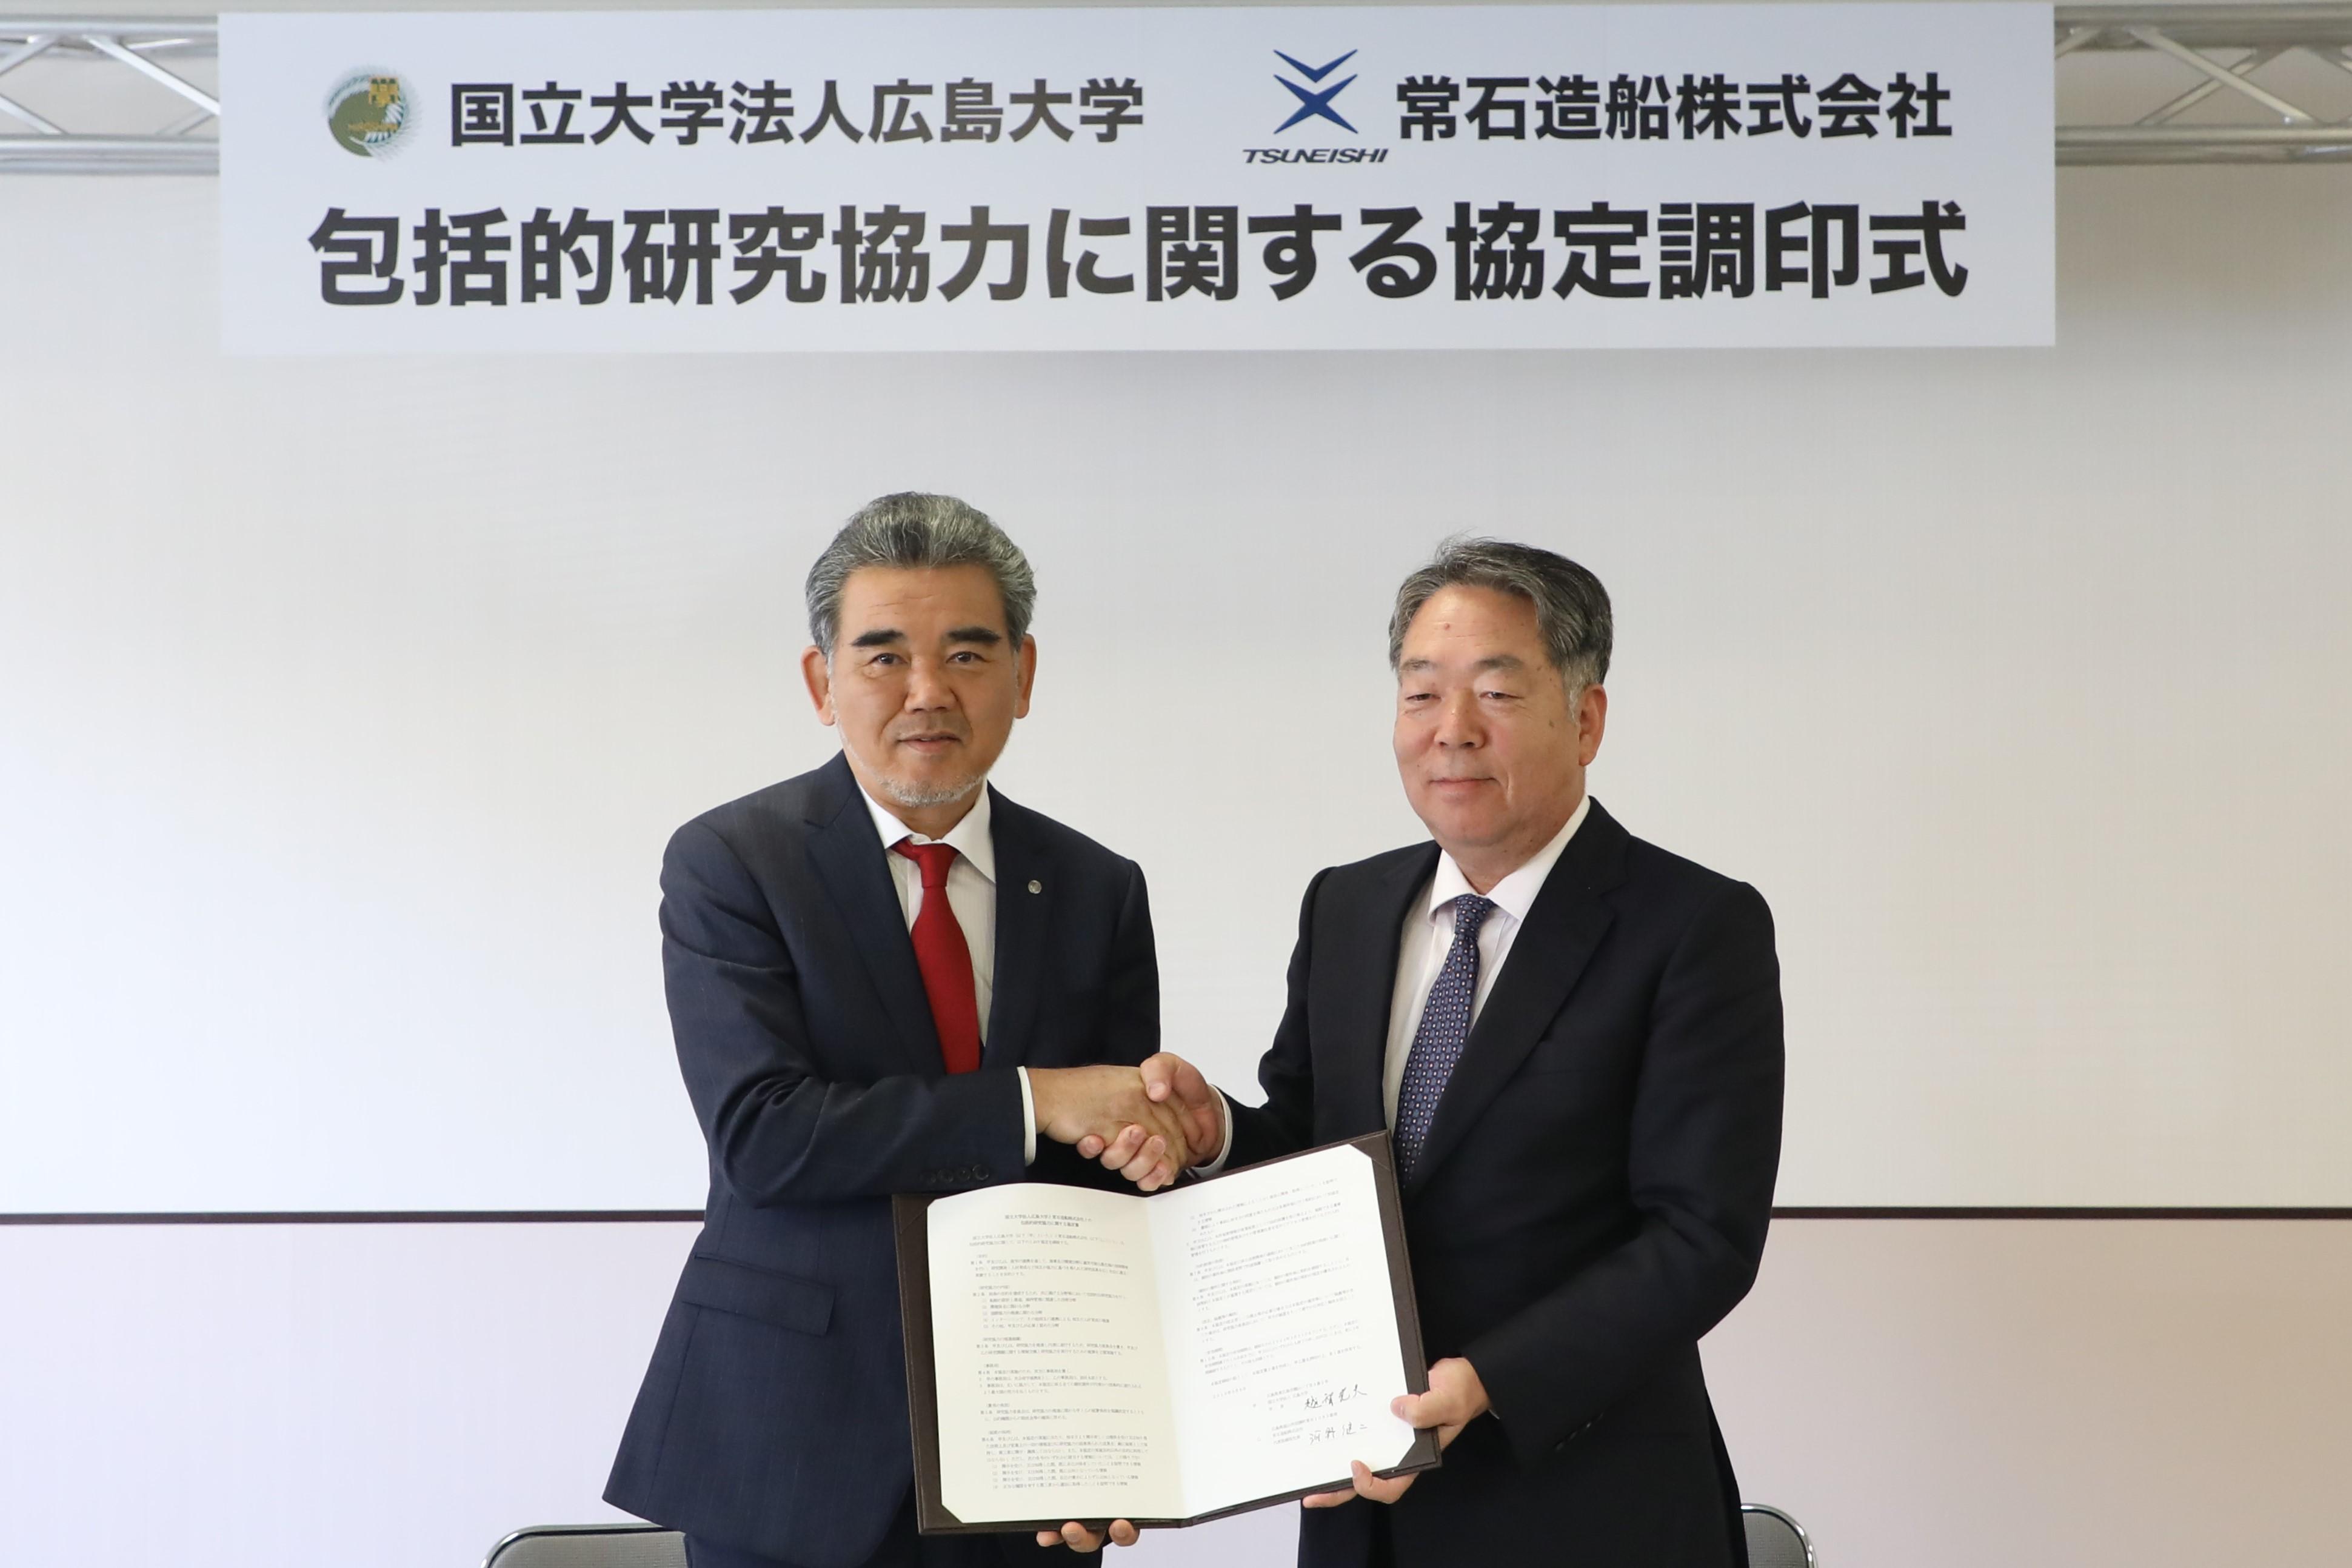 常石造船と広島大学 包括的研究協力に関する協定を締結 ~国際人材育成における連携を強化~